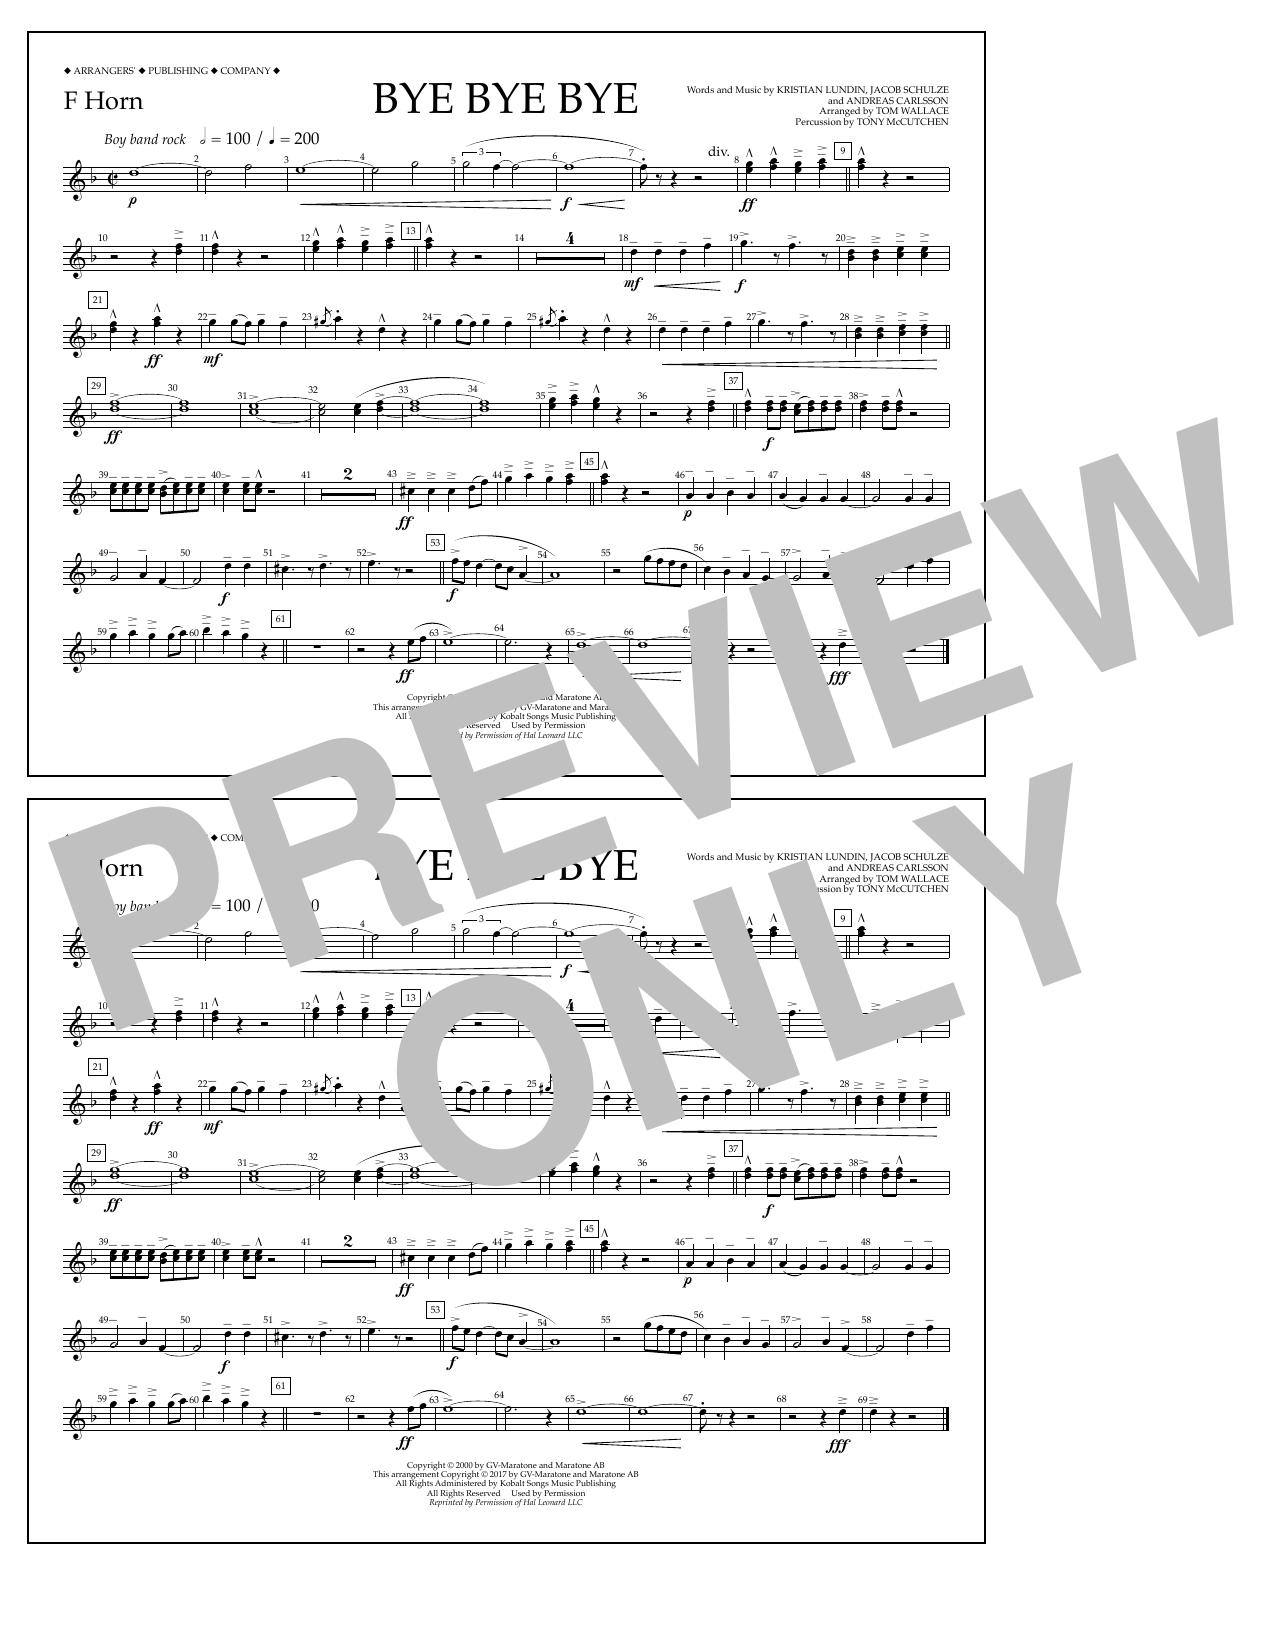 Bye Bye Bye - F Horn Sheet Music